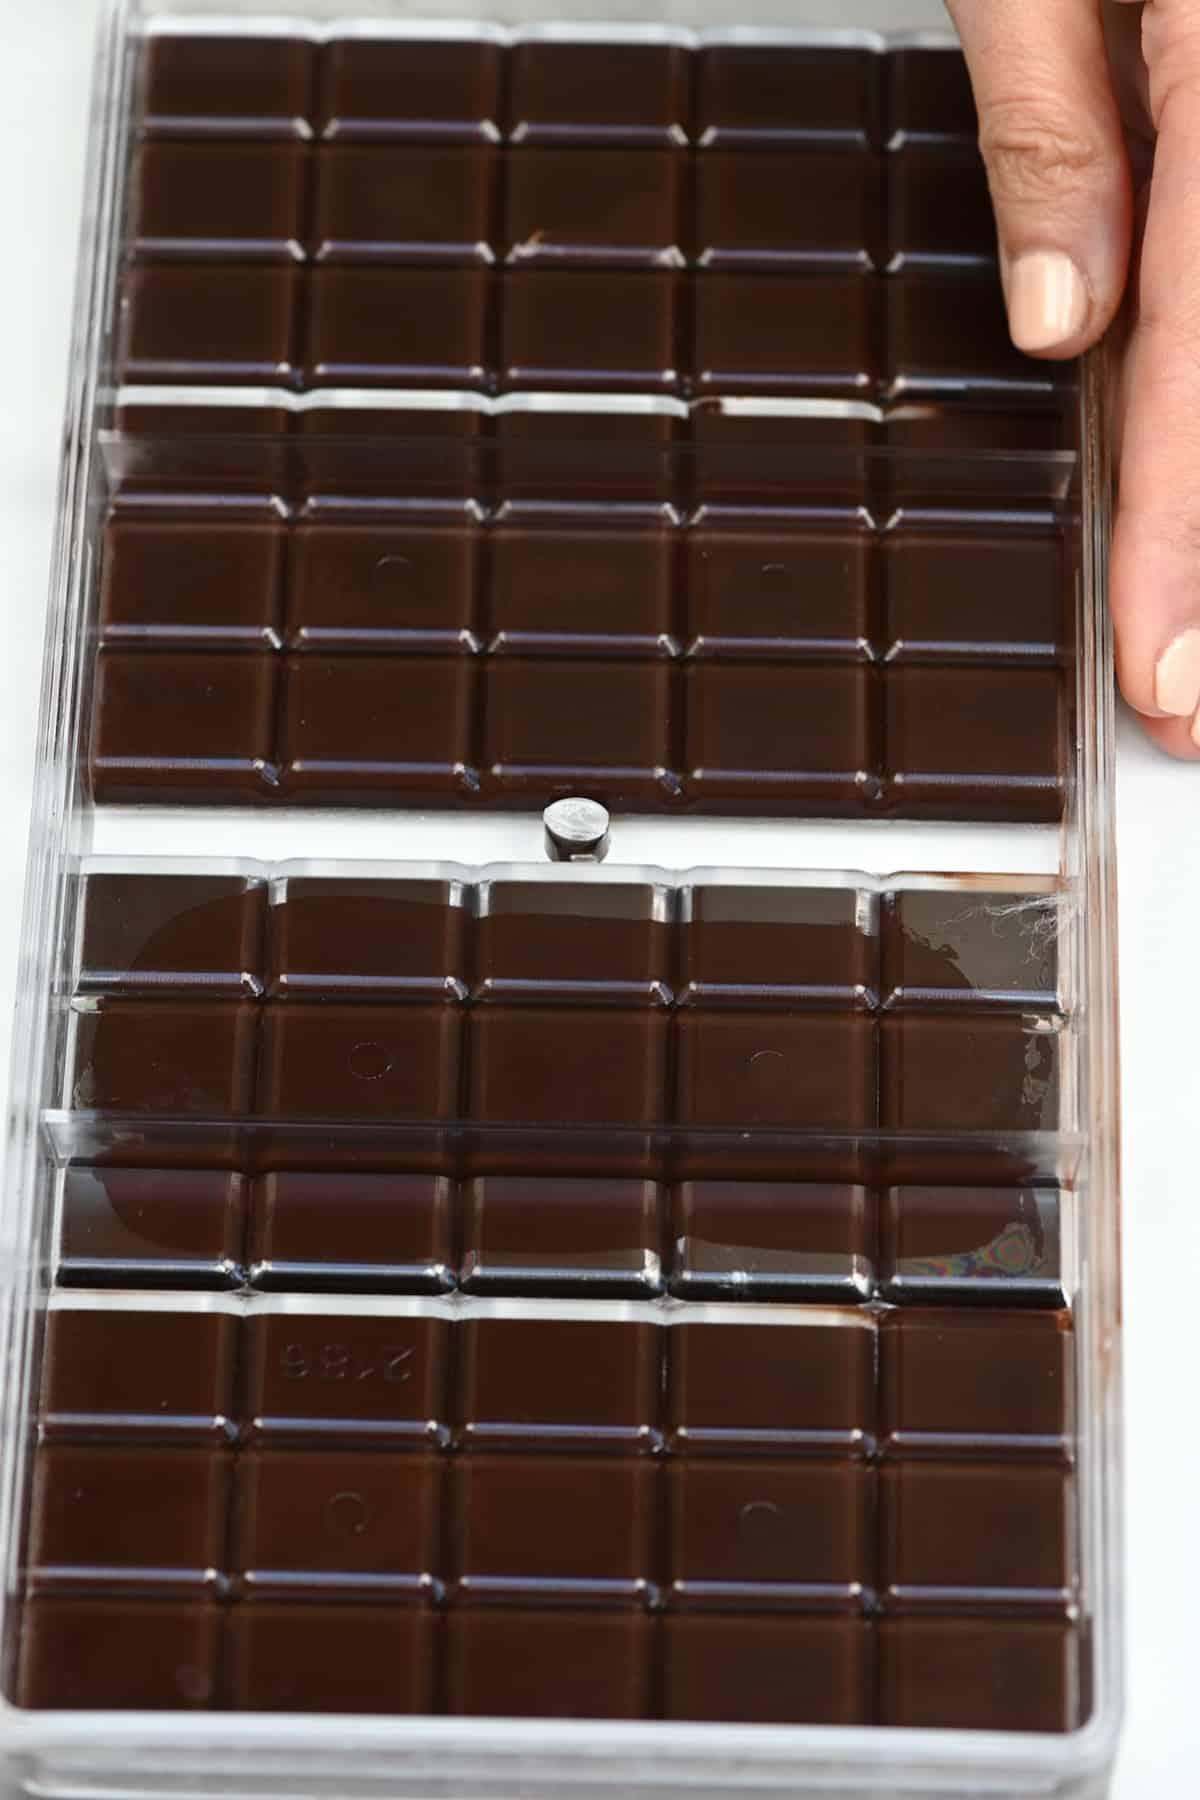 Unmolding chocolate